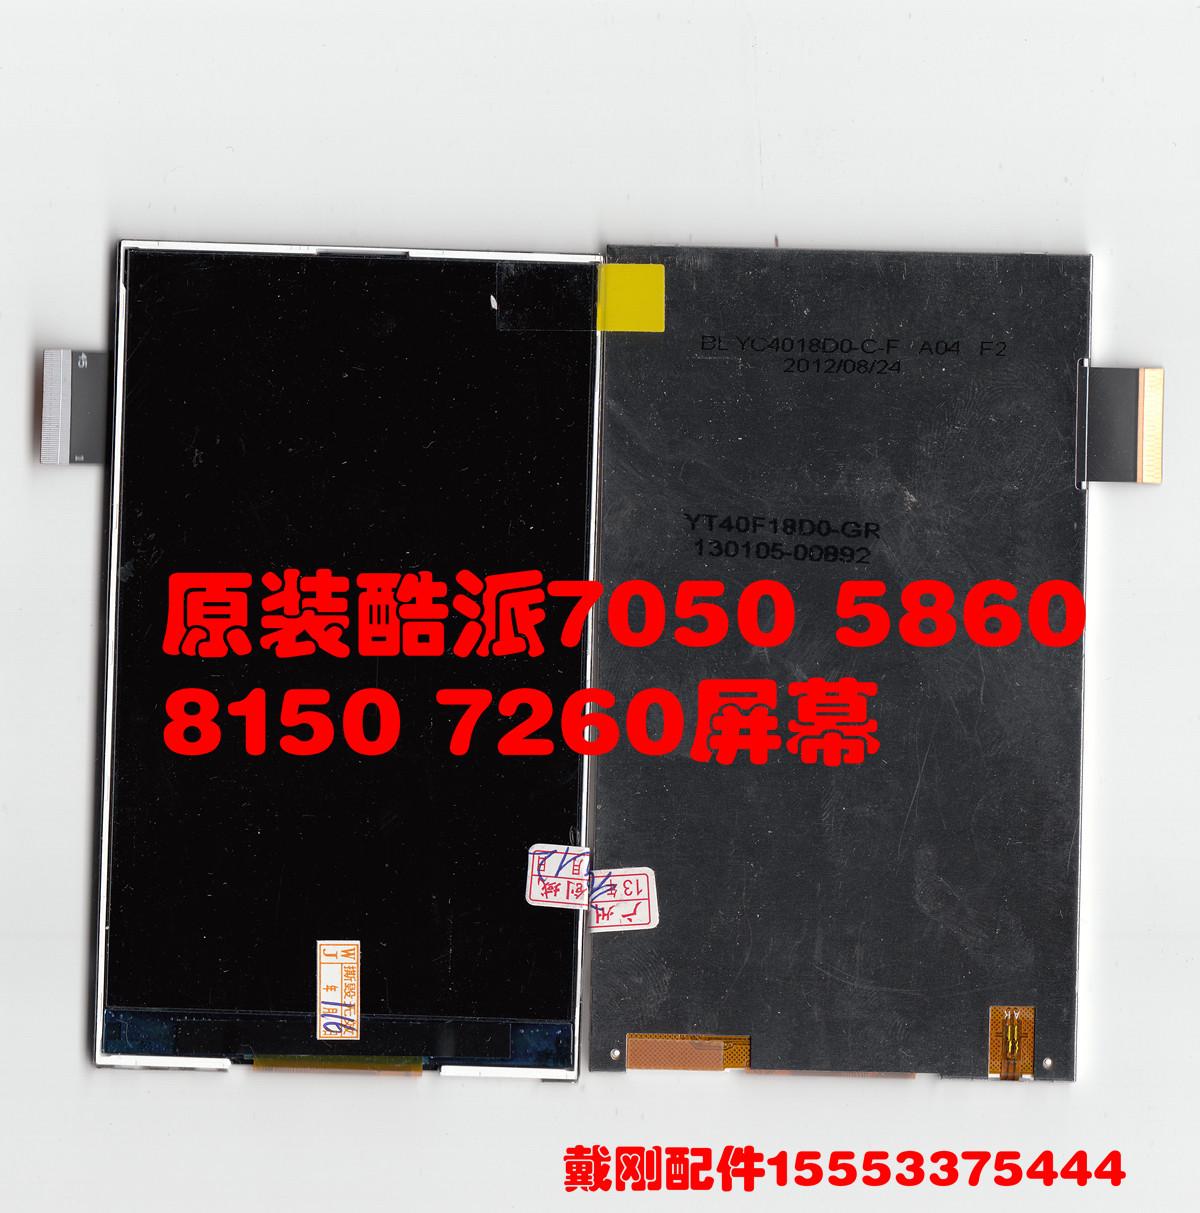 酷派7050 5860 8150 7260屏幕 8K7050FPC YT40F18D0